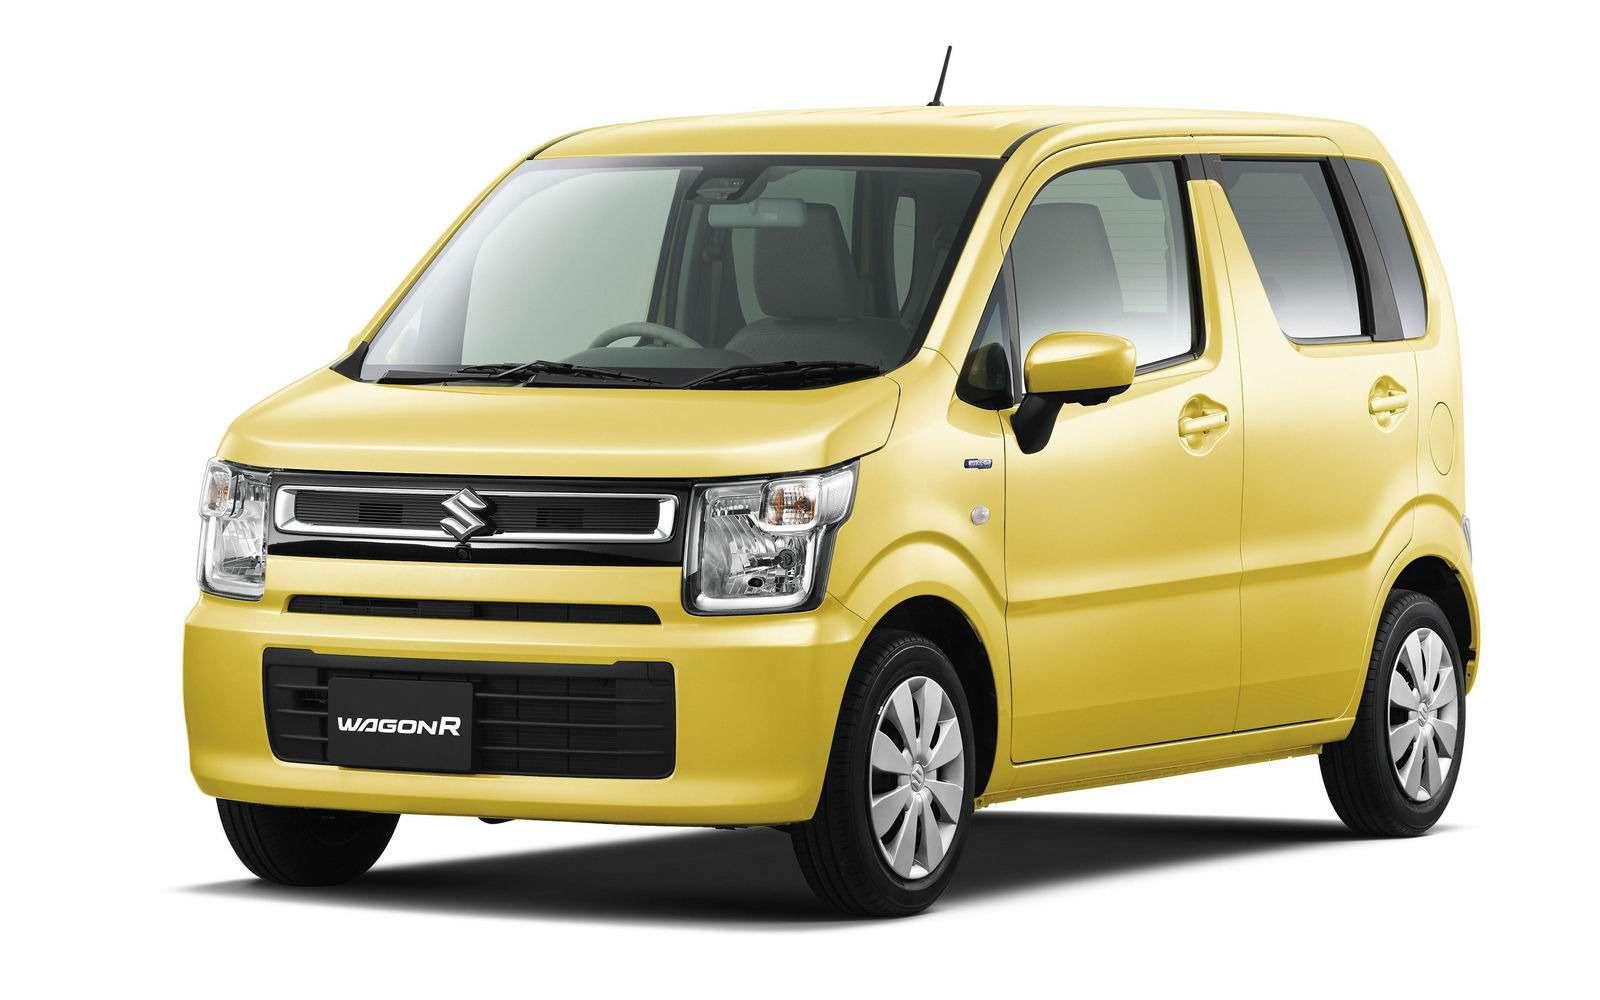 Новый Suzuki Wagon R: слюбовью кАмерике— фото 701843